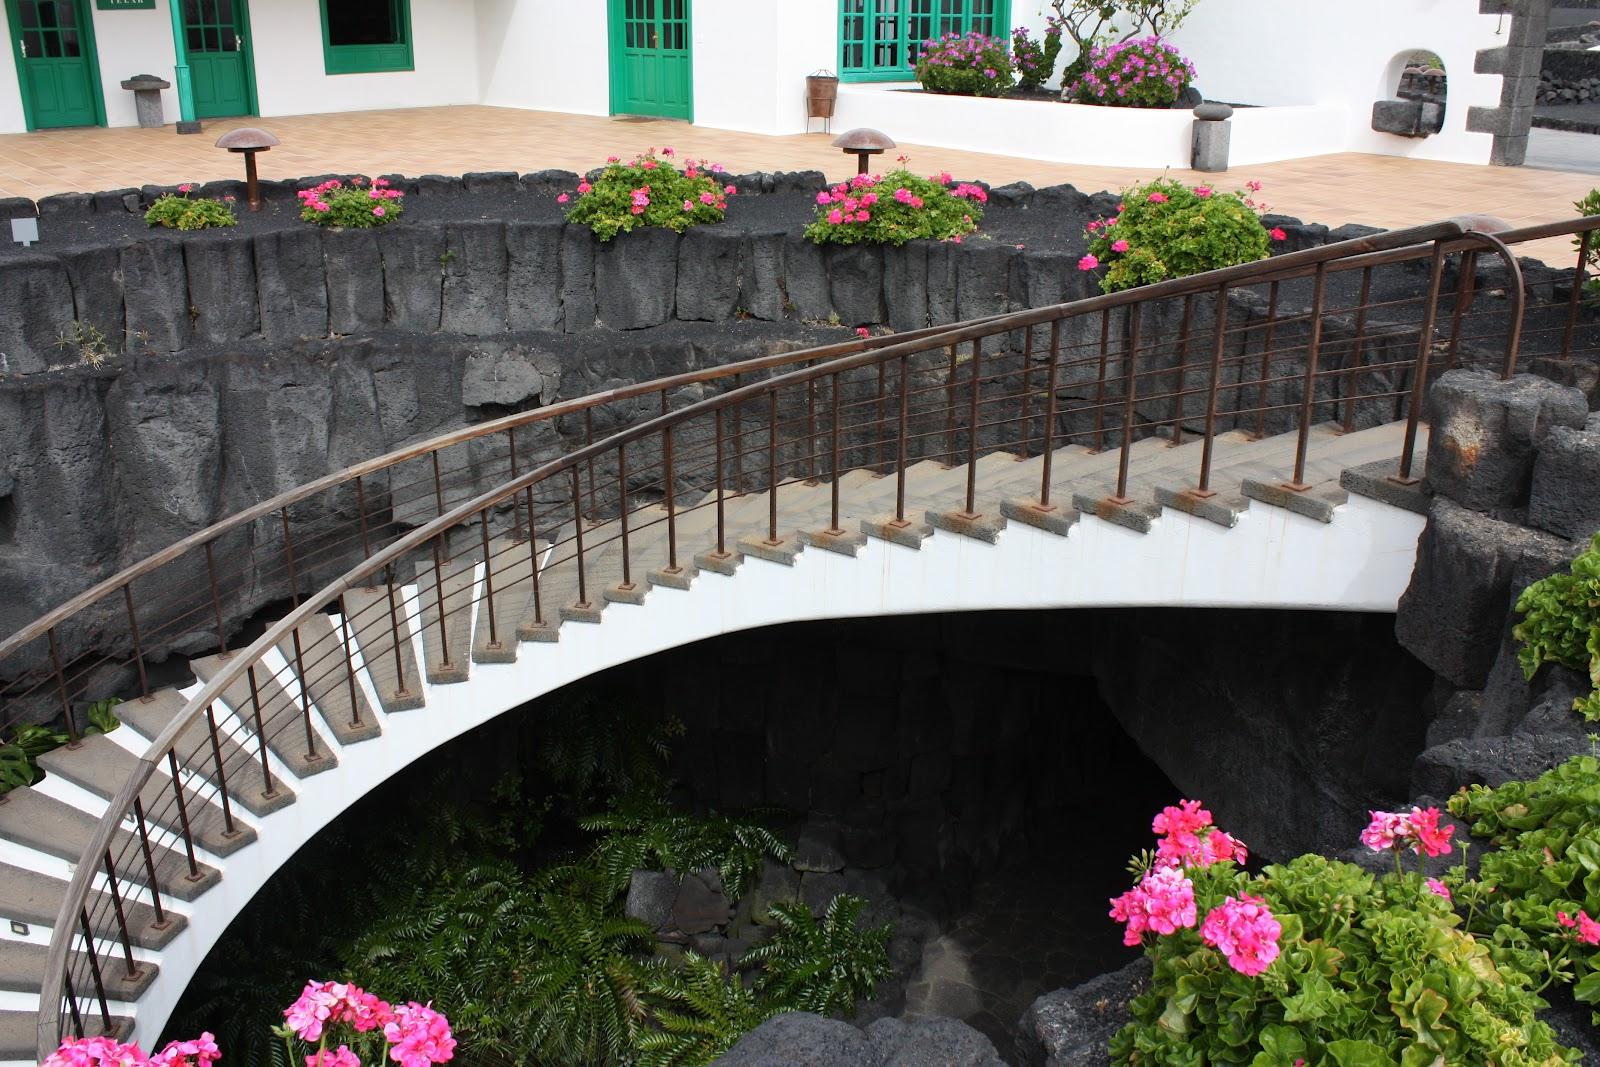 H10 Lanzarote Gardens & Waterpark